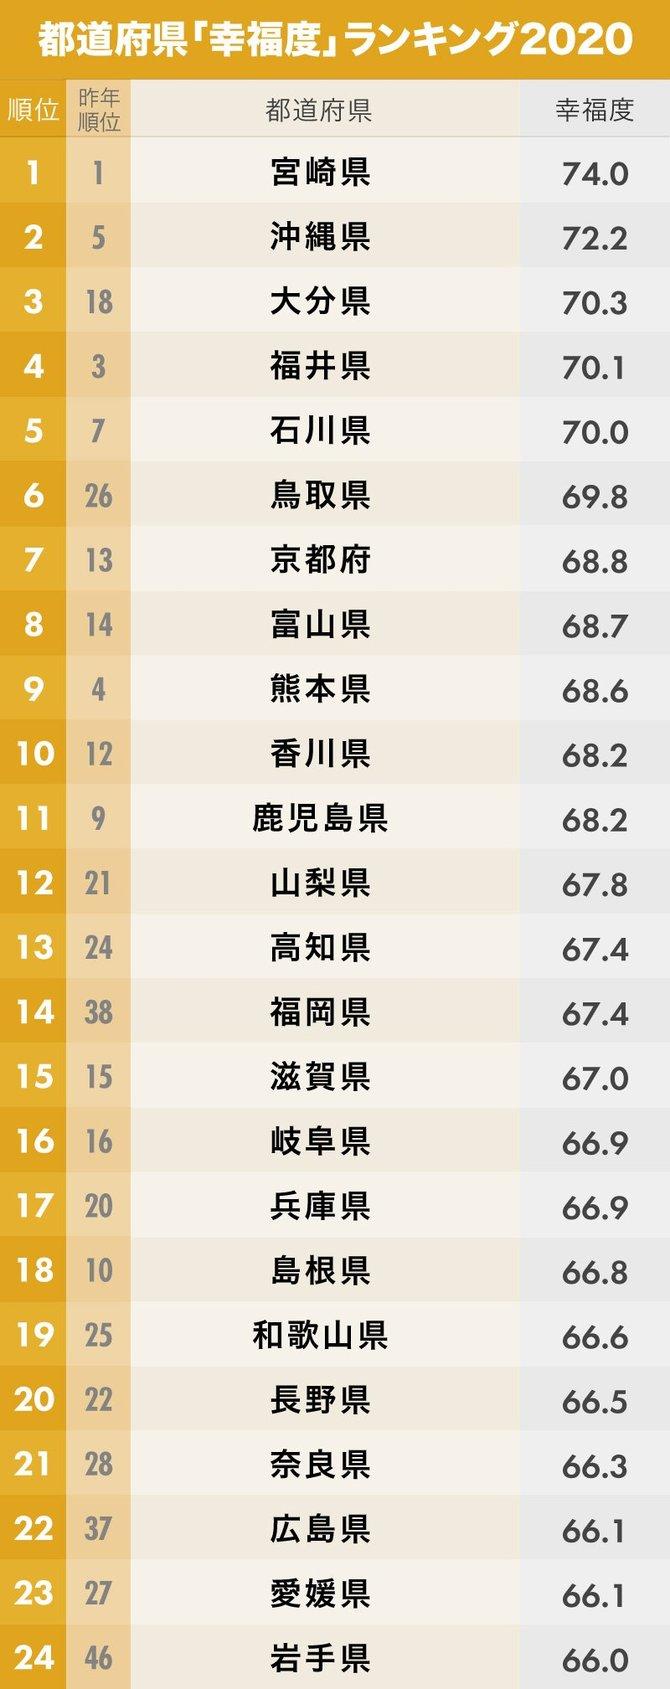 都道府県「幸福度」ランキング1位~24位